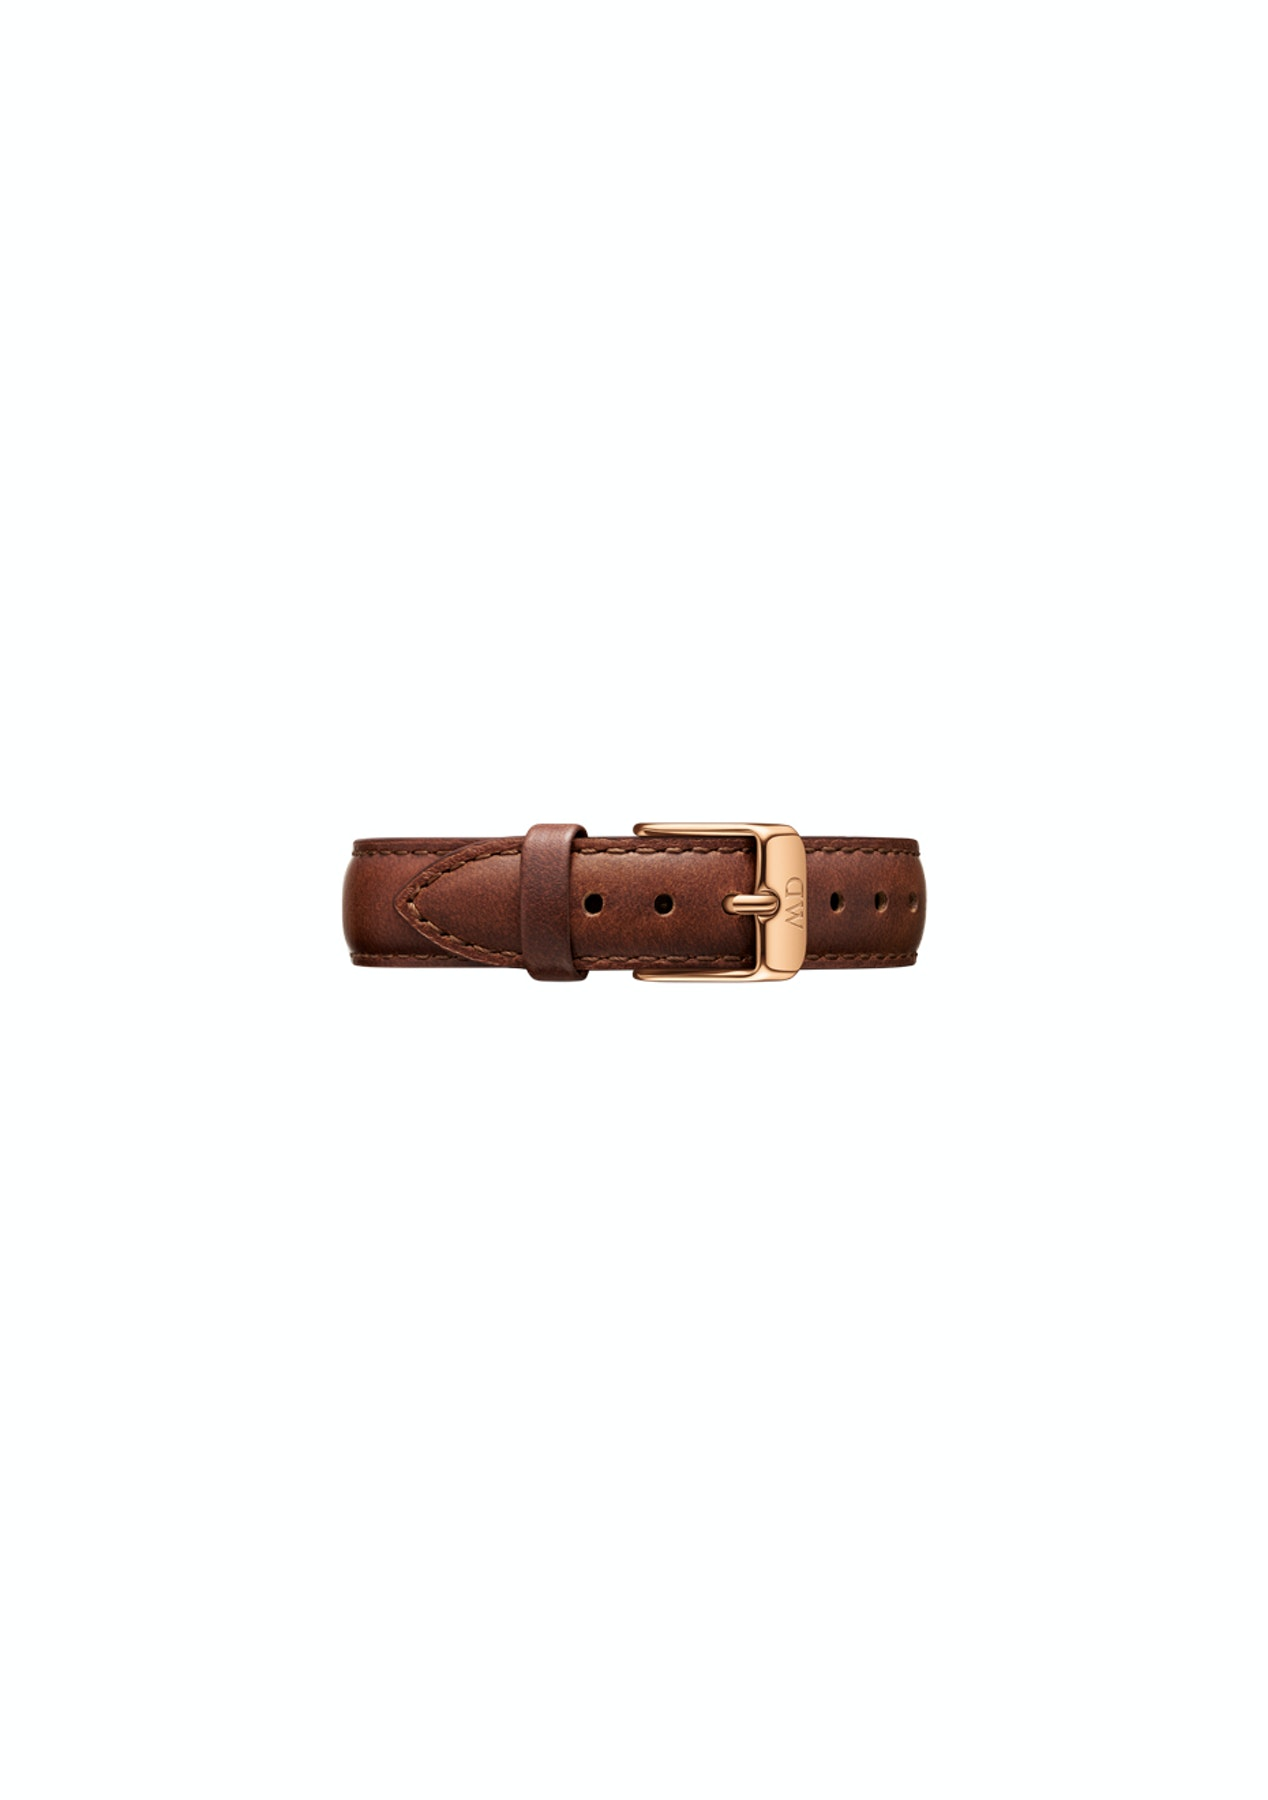 d846ca1cc5 Daniel Wellington - St Mawes 32mm Classic Petite - Rose Gold White Dial -  Daniel Wellington - 40% off - Onceit